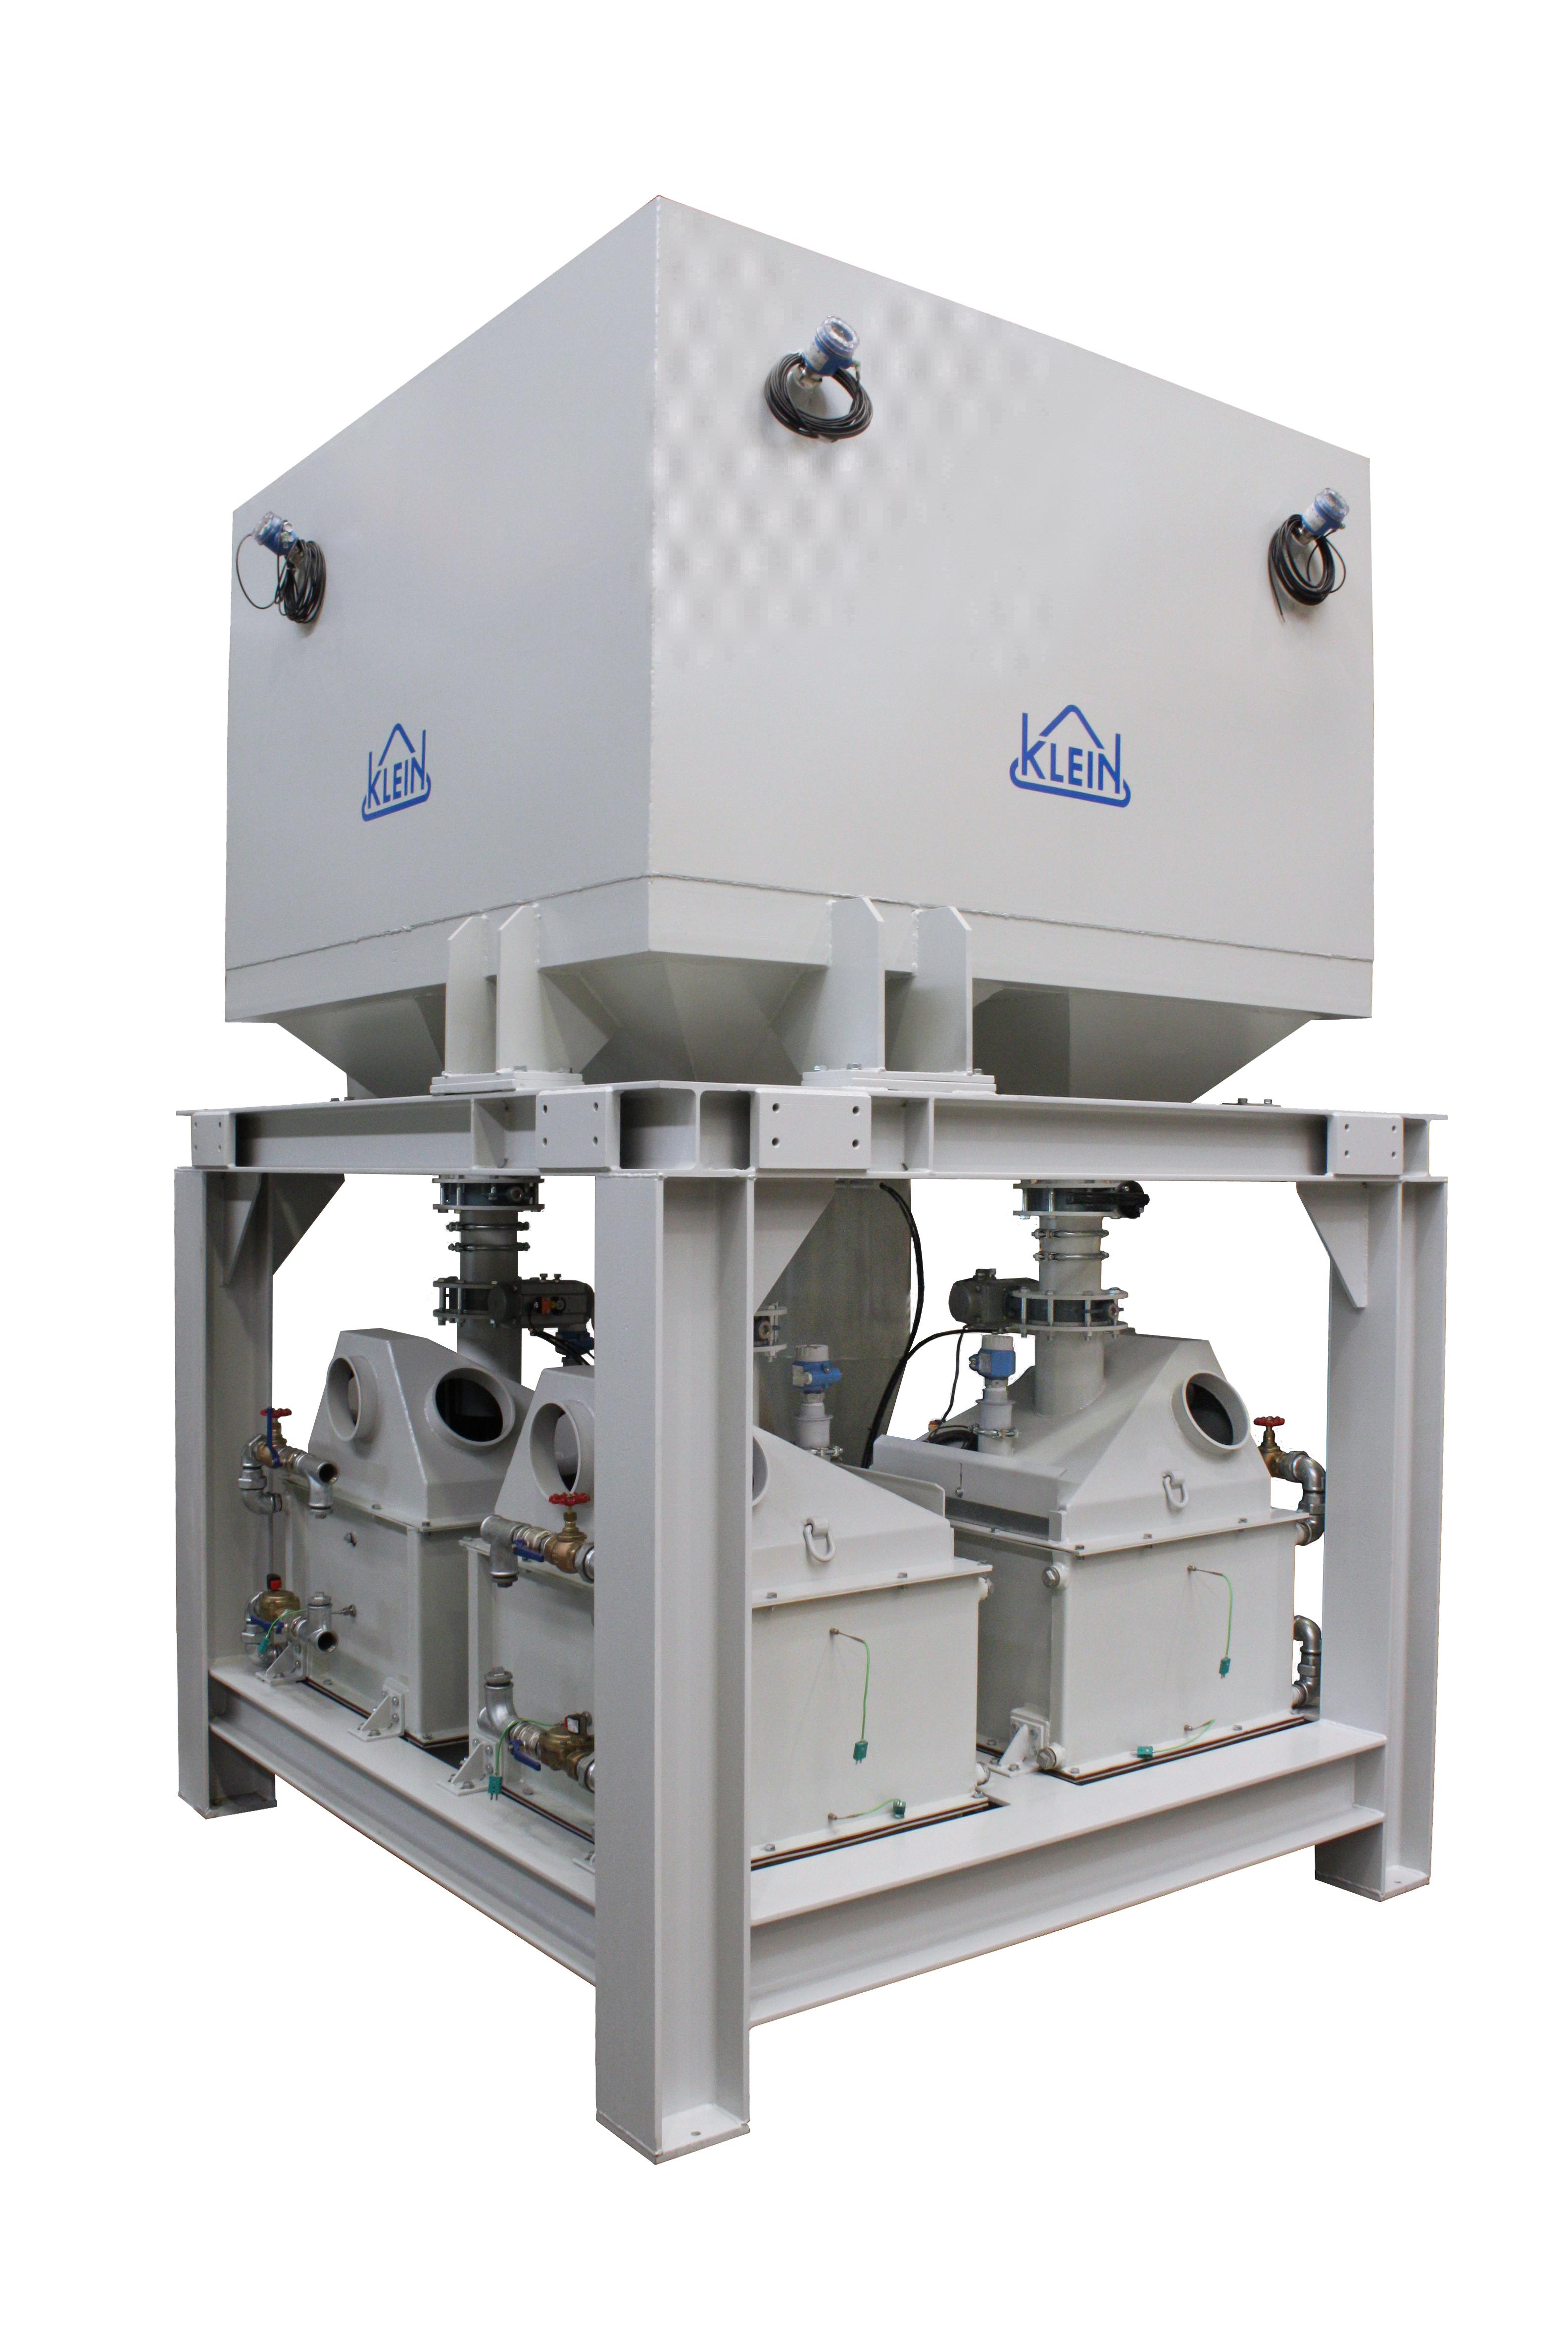 Fig. 4: Sand cooler (KLEIN Anlagenbau AG)